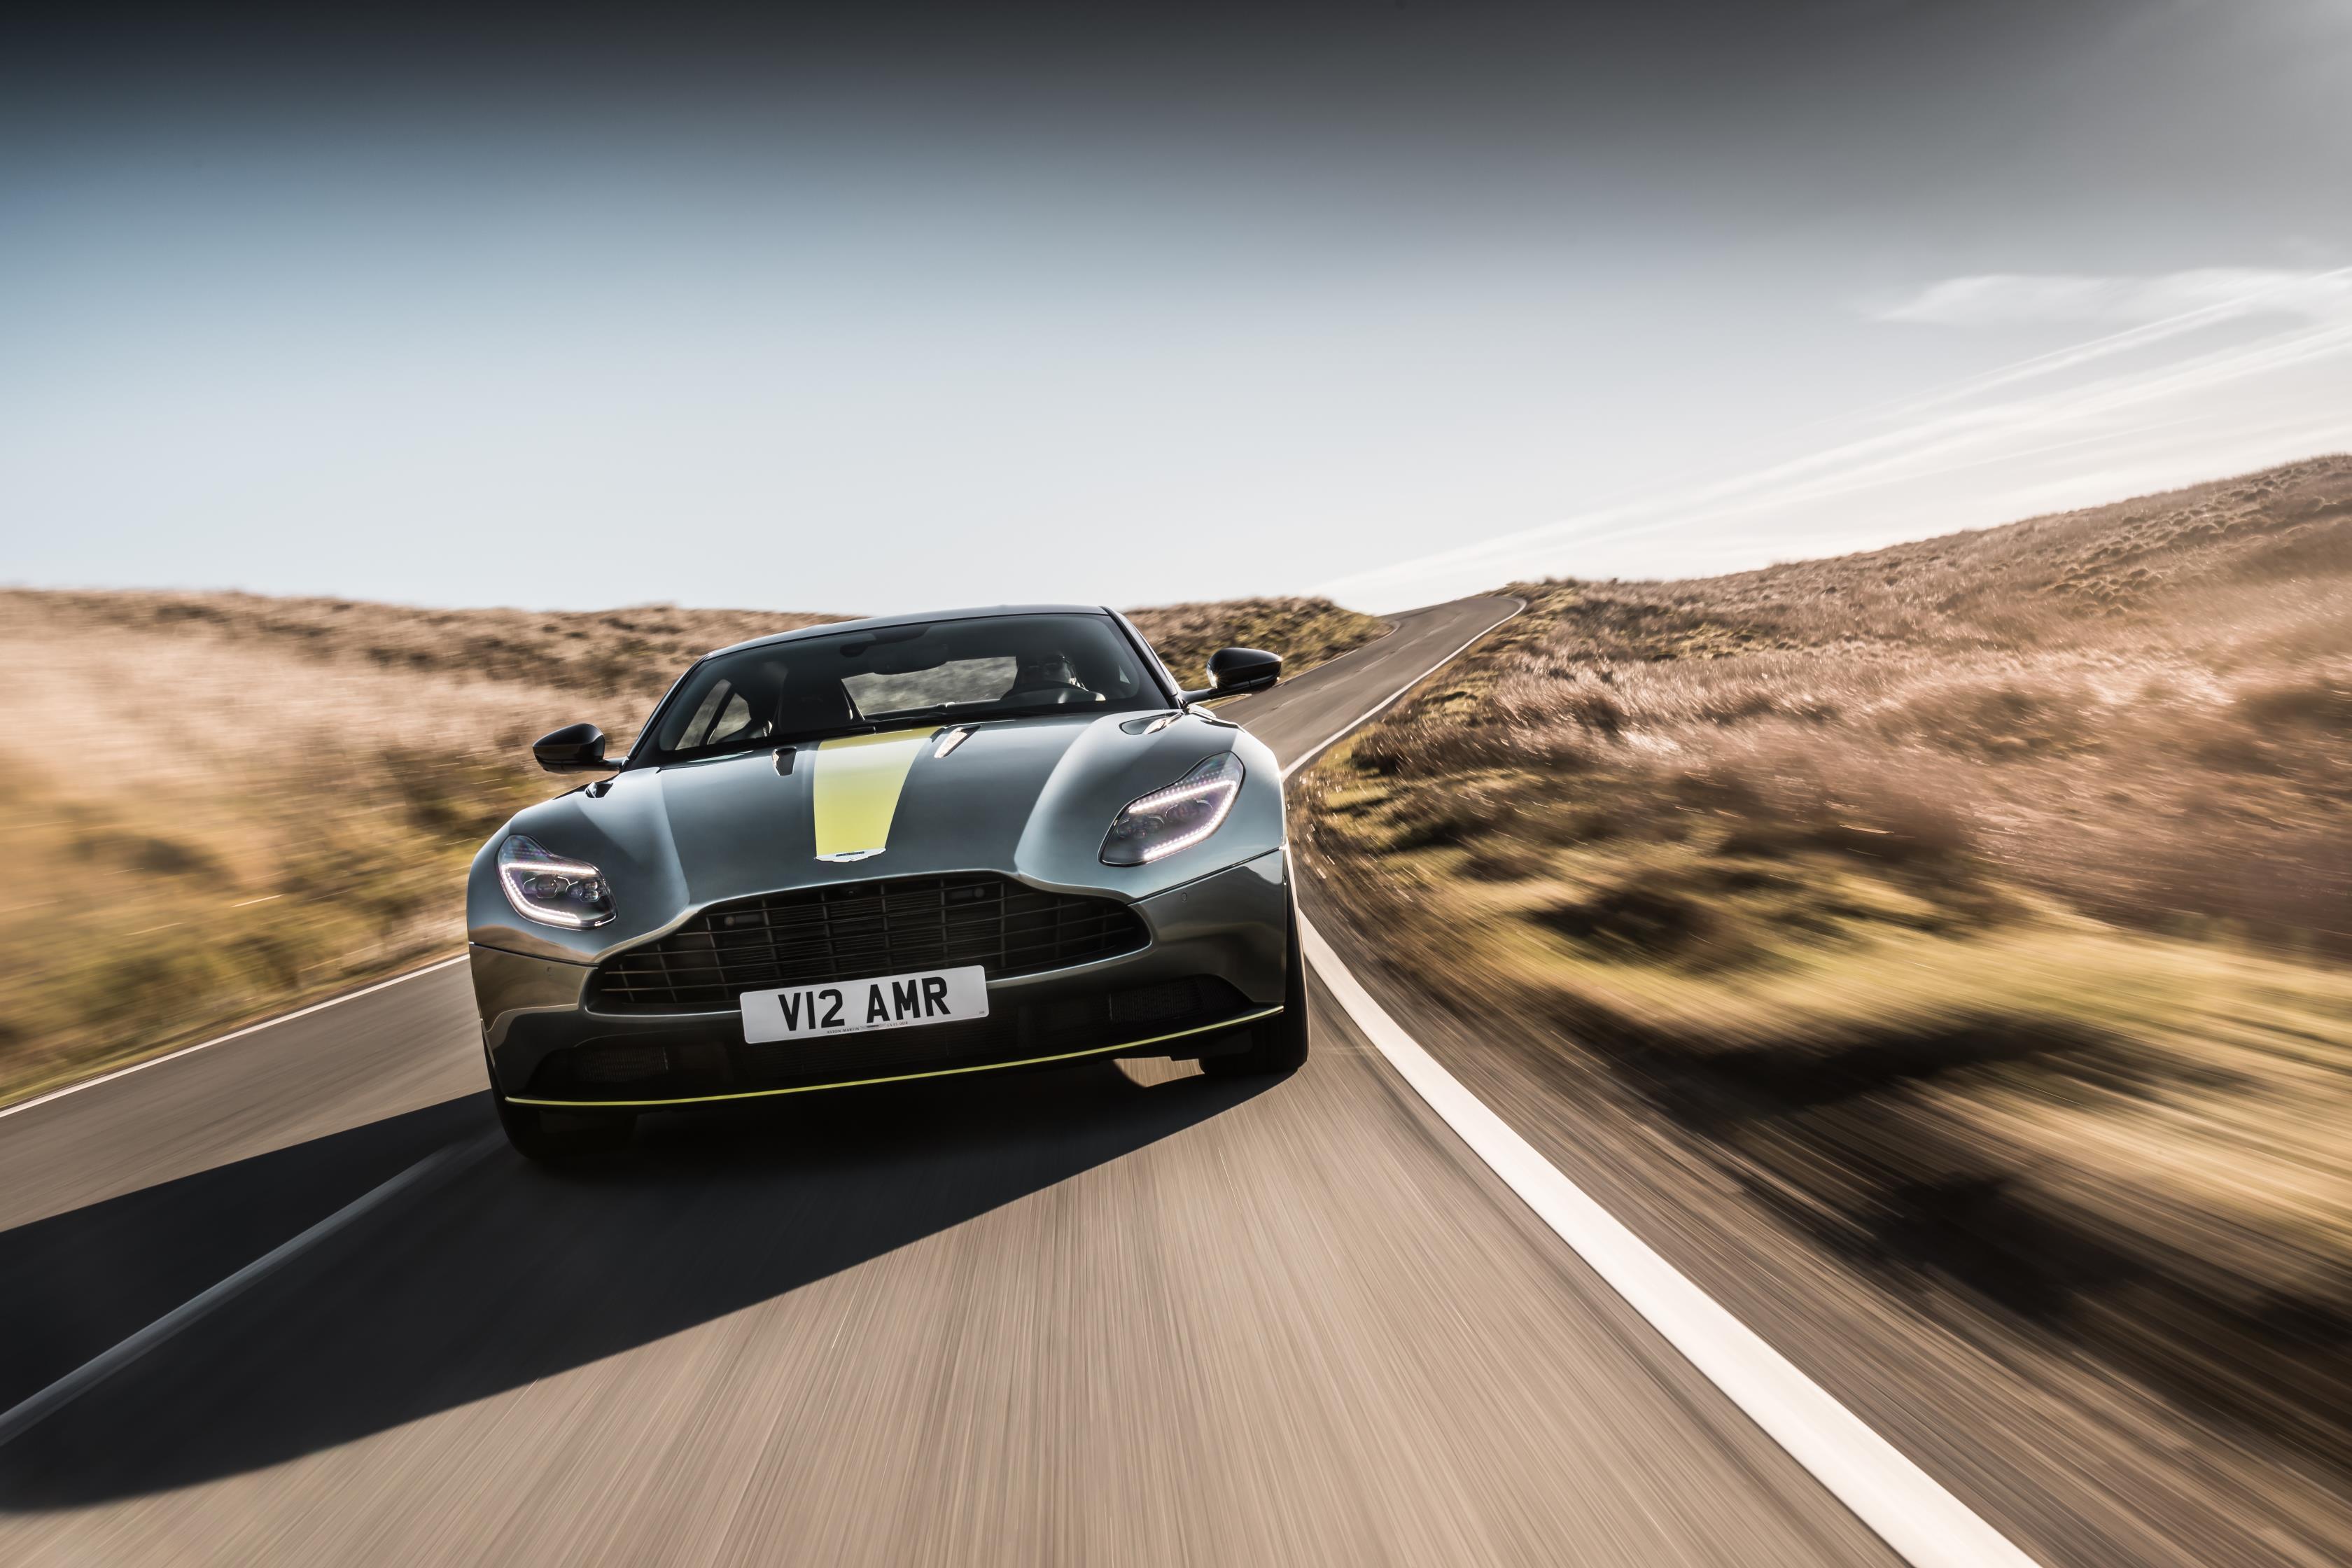 А на этой неделе Aston Martin представил нечто совершенно новое и очень реальное - Aston Martin DB11 AMR.